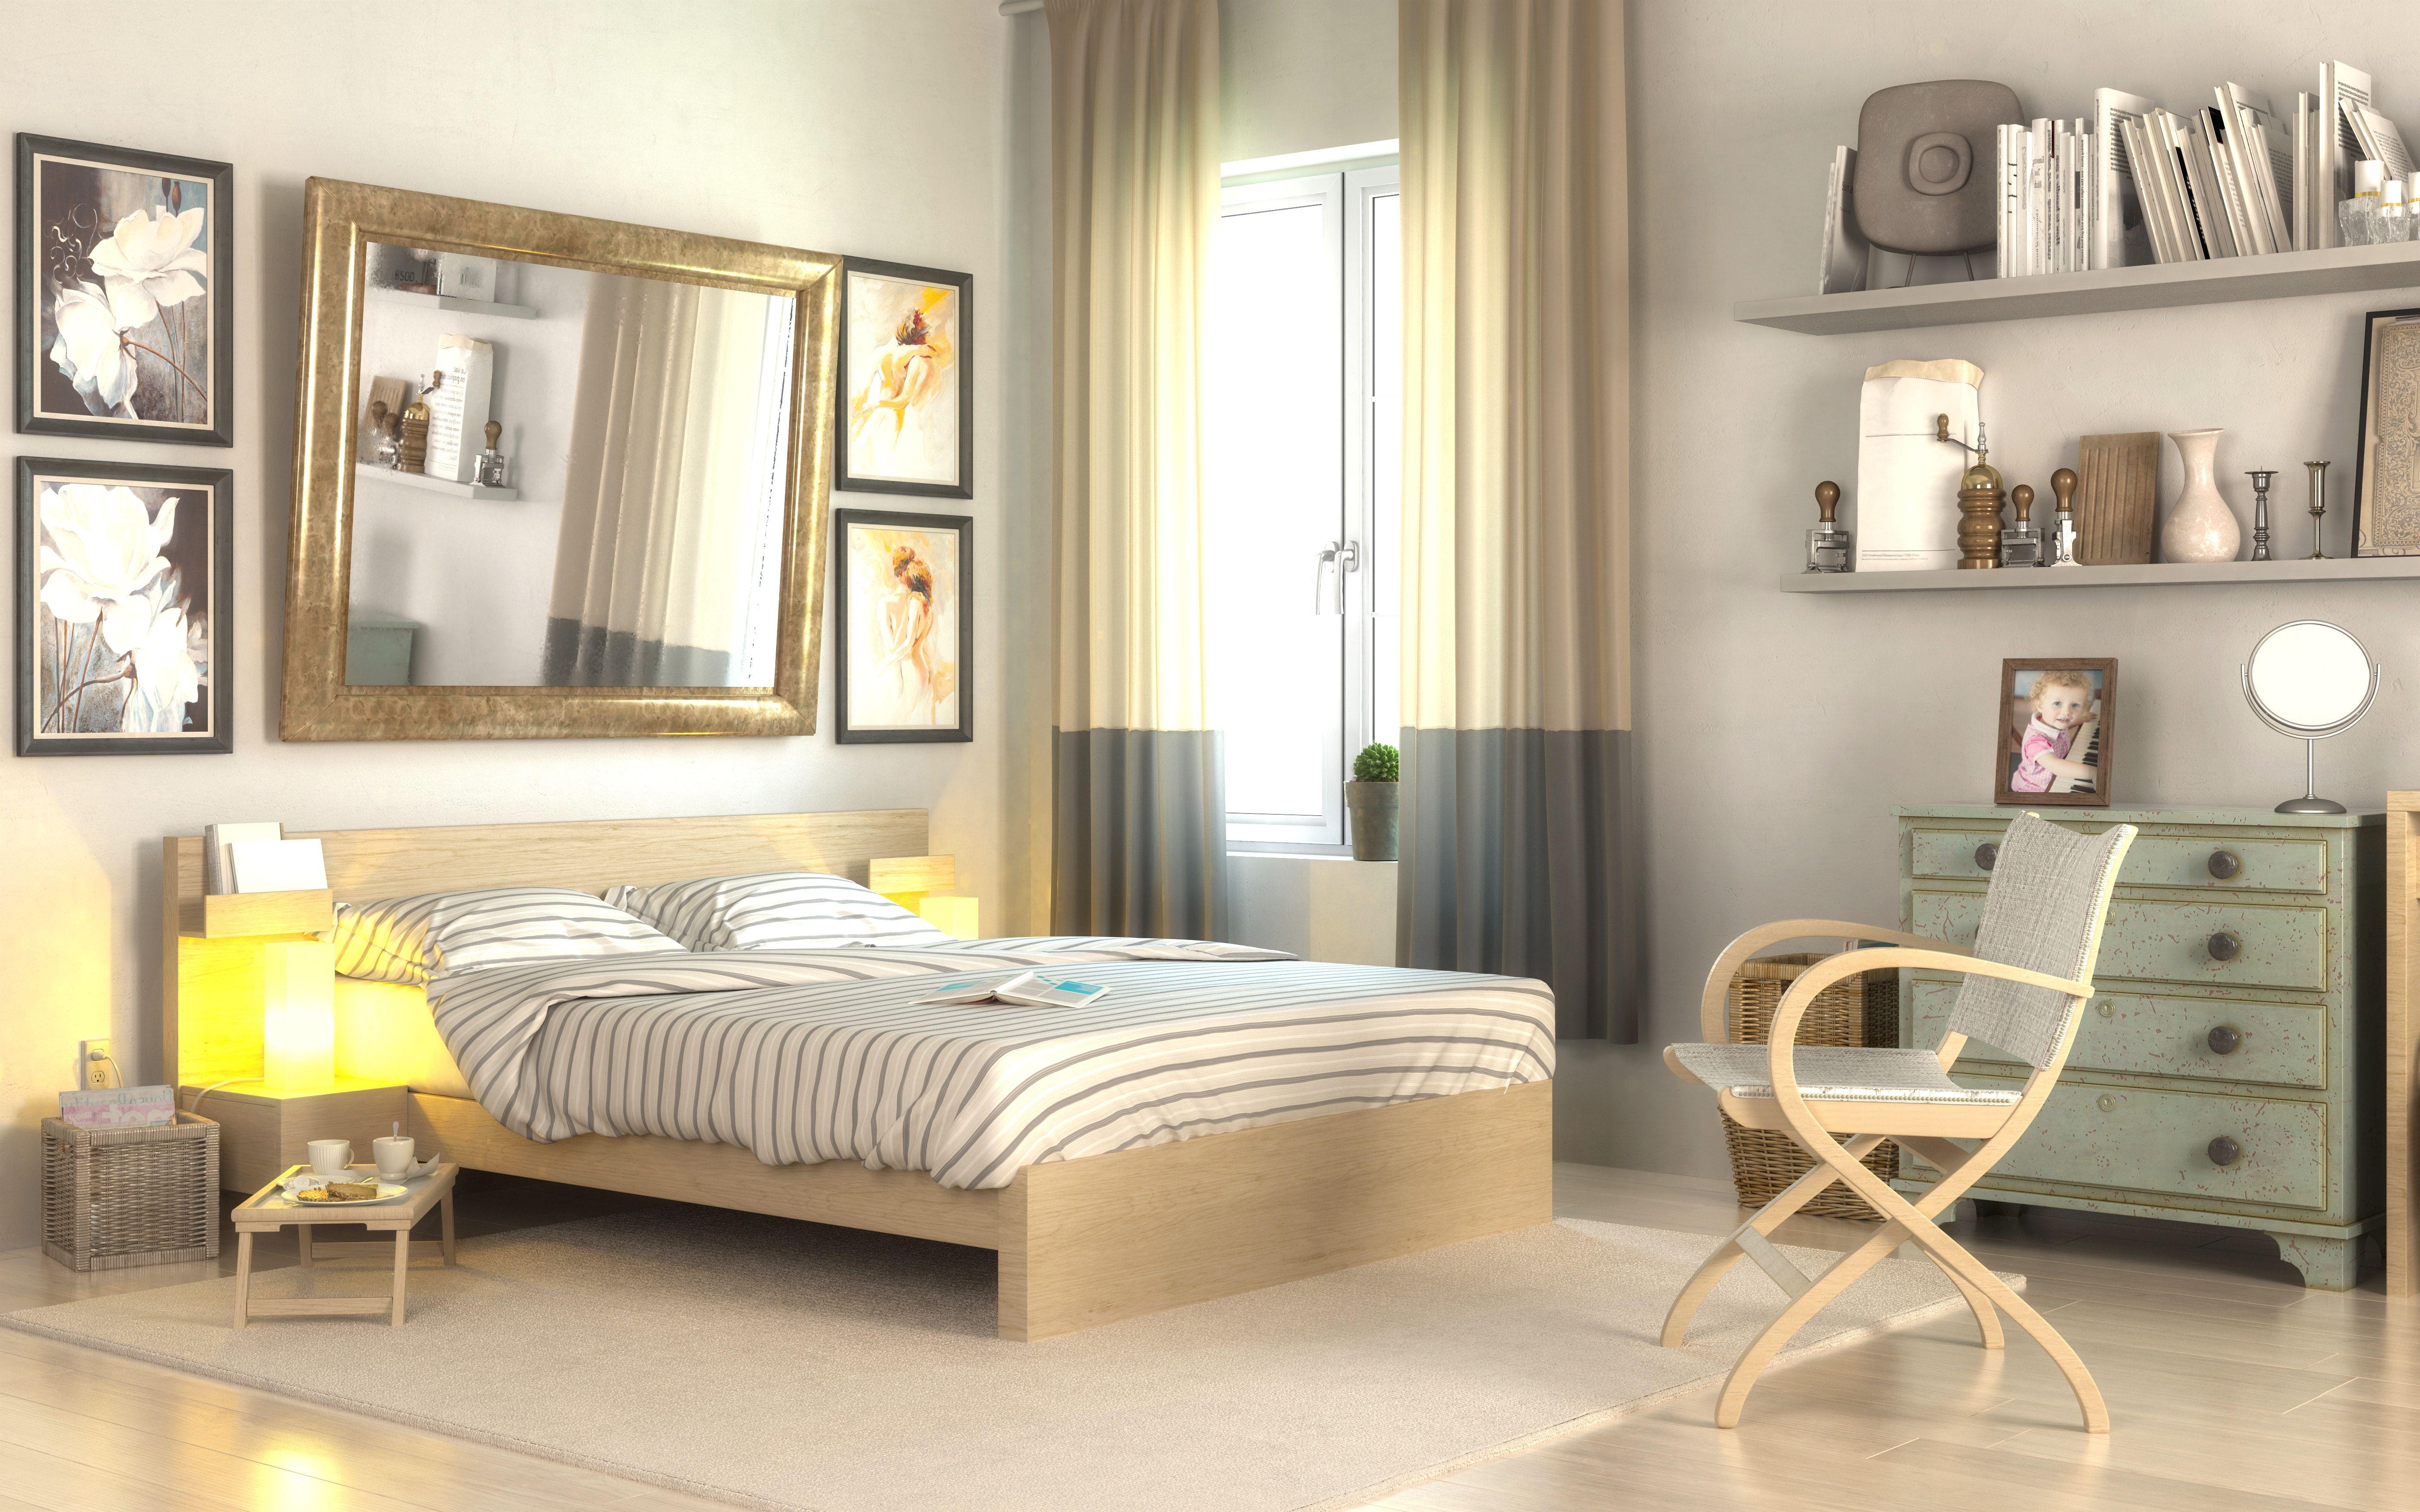 schlafzimmer gemütlich gestalten   fadedxharmcottage